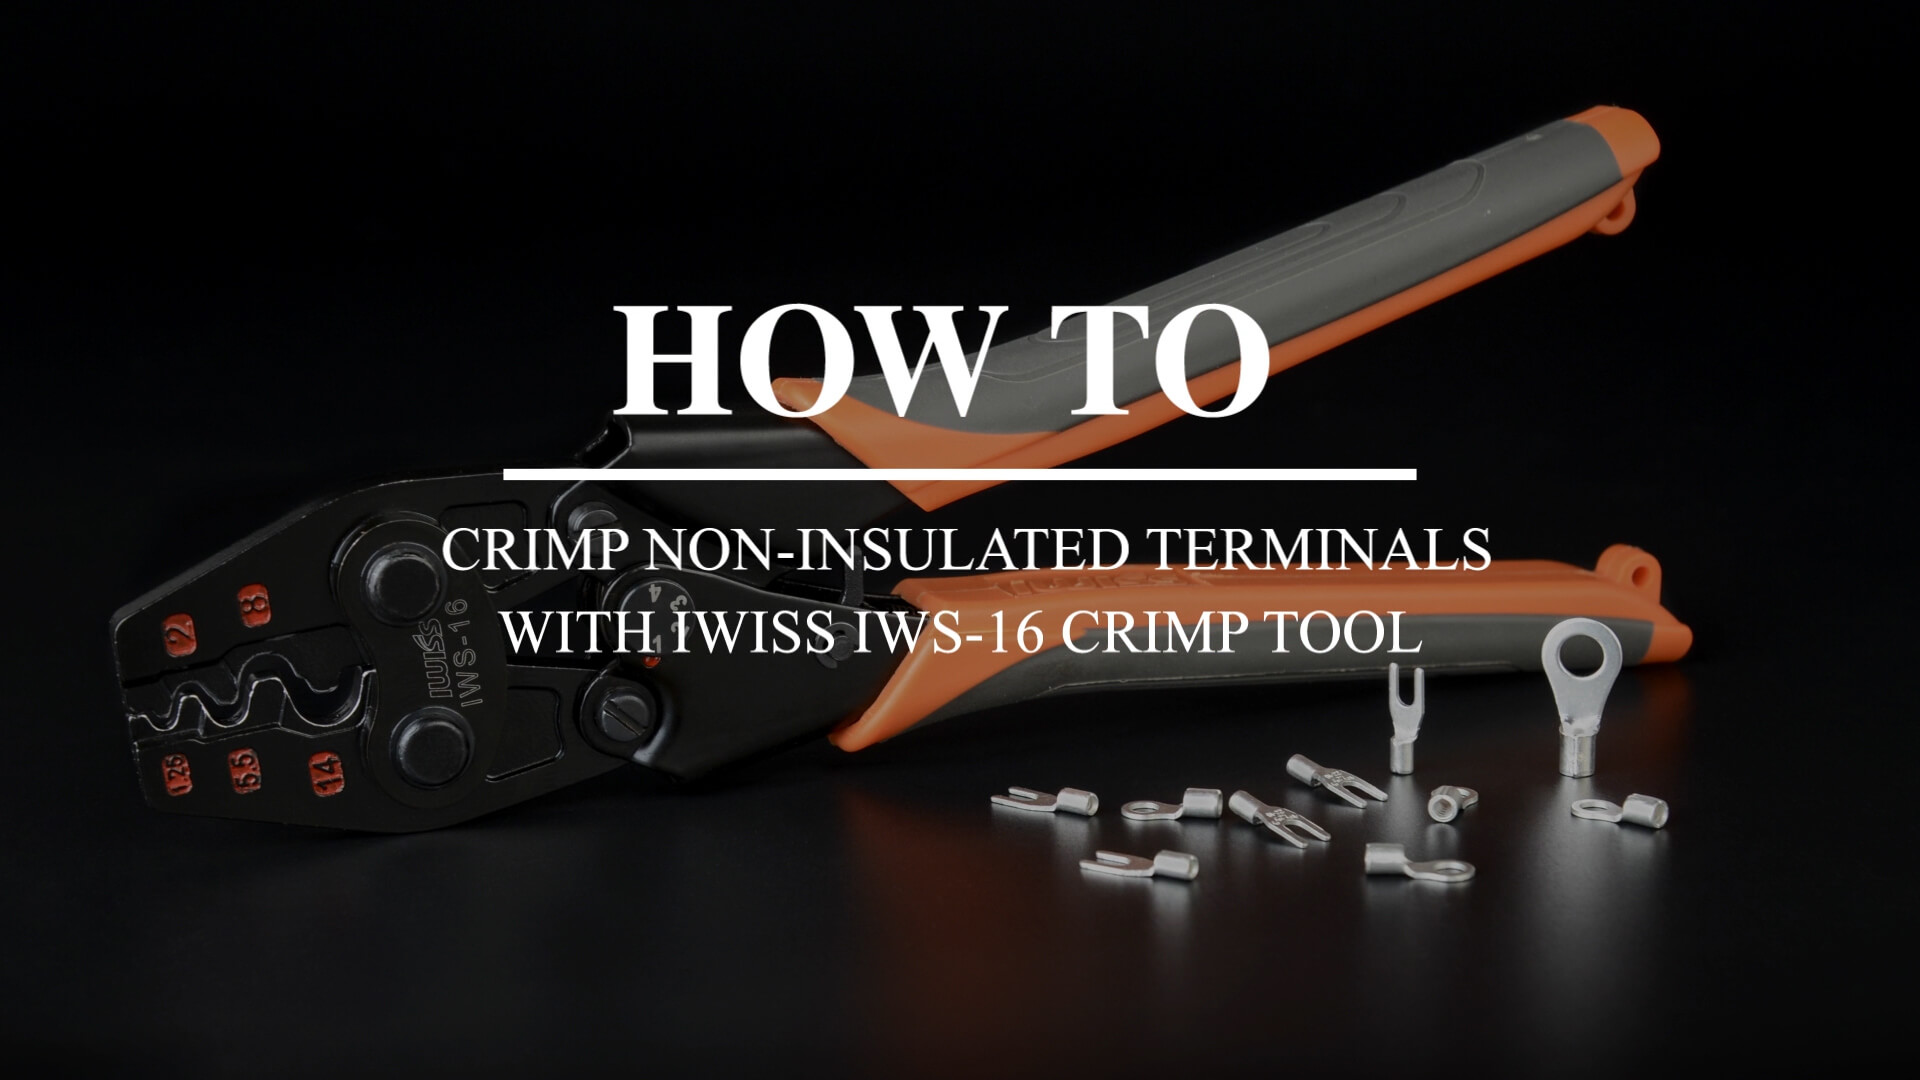 IWISS IWS-16 Pince /à sertir /à cliquet pour bornes non isol/ées de 0,3 /à 13,3 mm2 avec c/âbles m/âchoires polis appareils /électriques et autres m/écanismes dalimentation